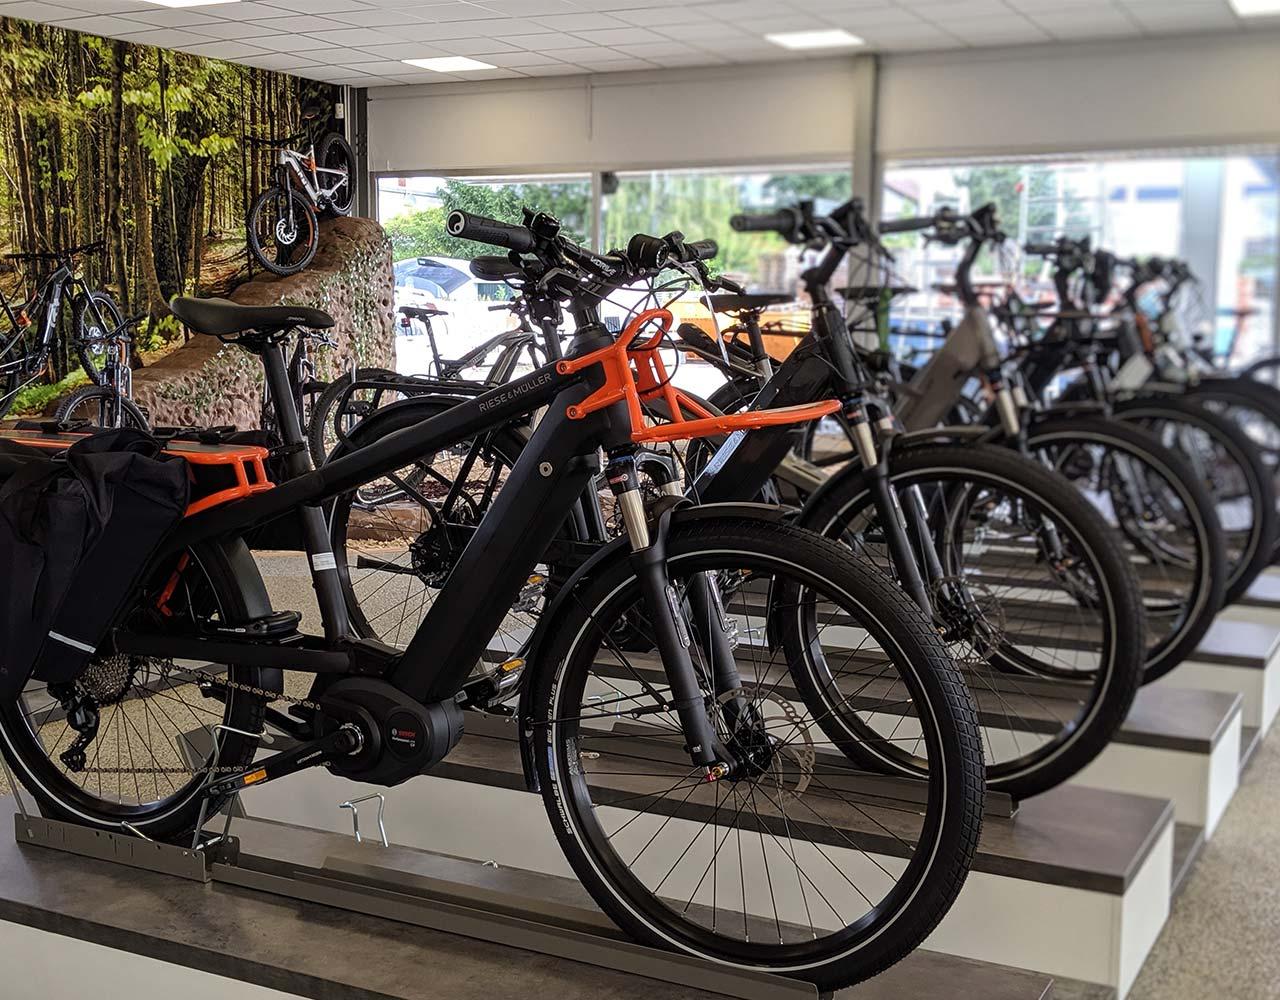 Wir führen nur ausgewählte Premium e-Bike Modelle und Marken, von denen wir selbst überzeugt sind!